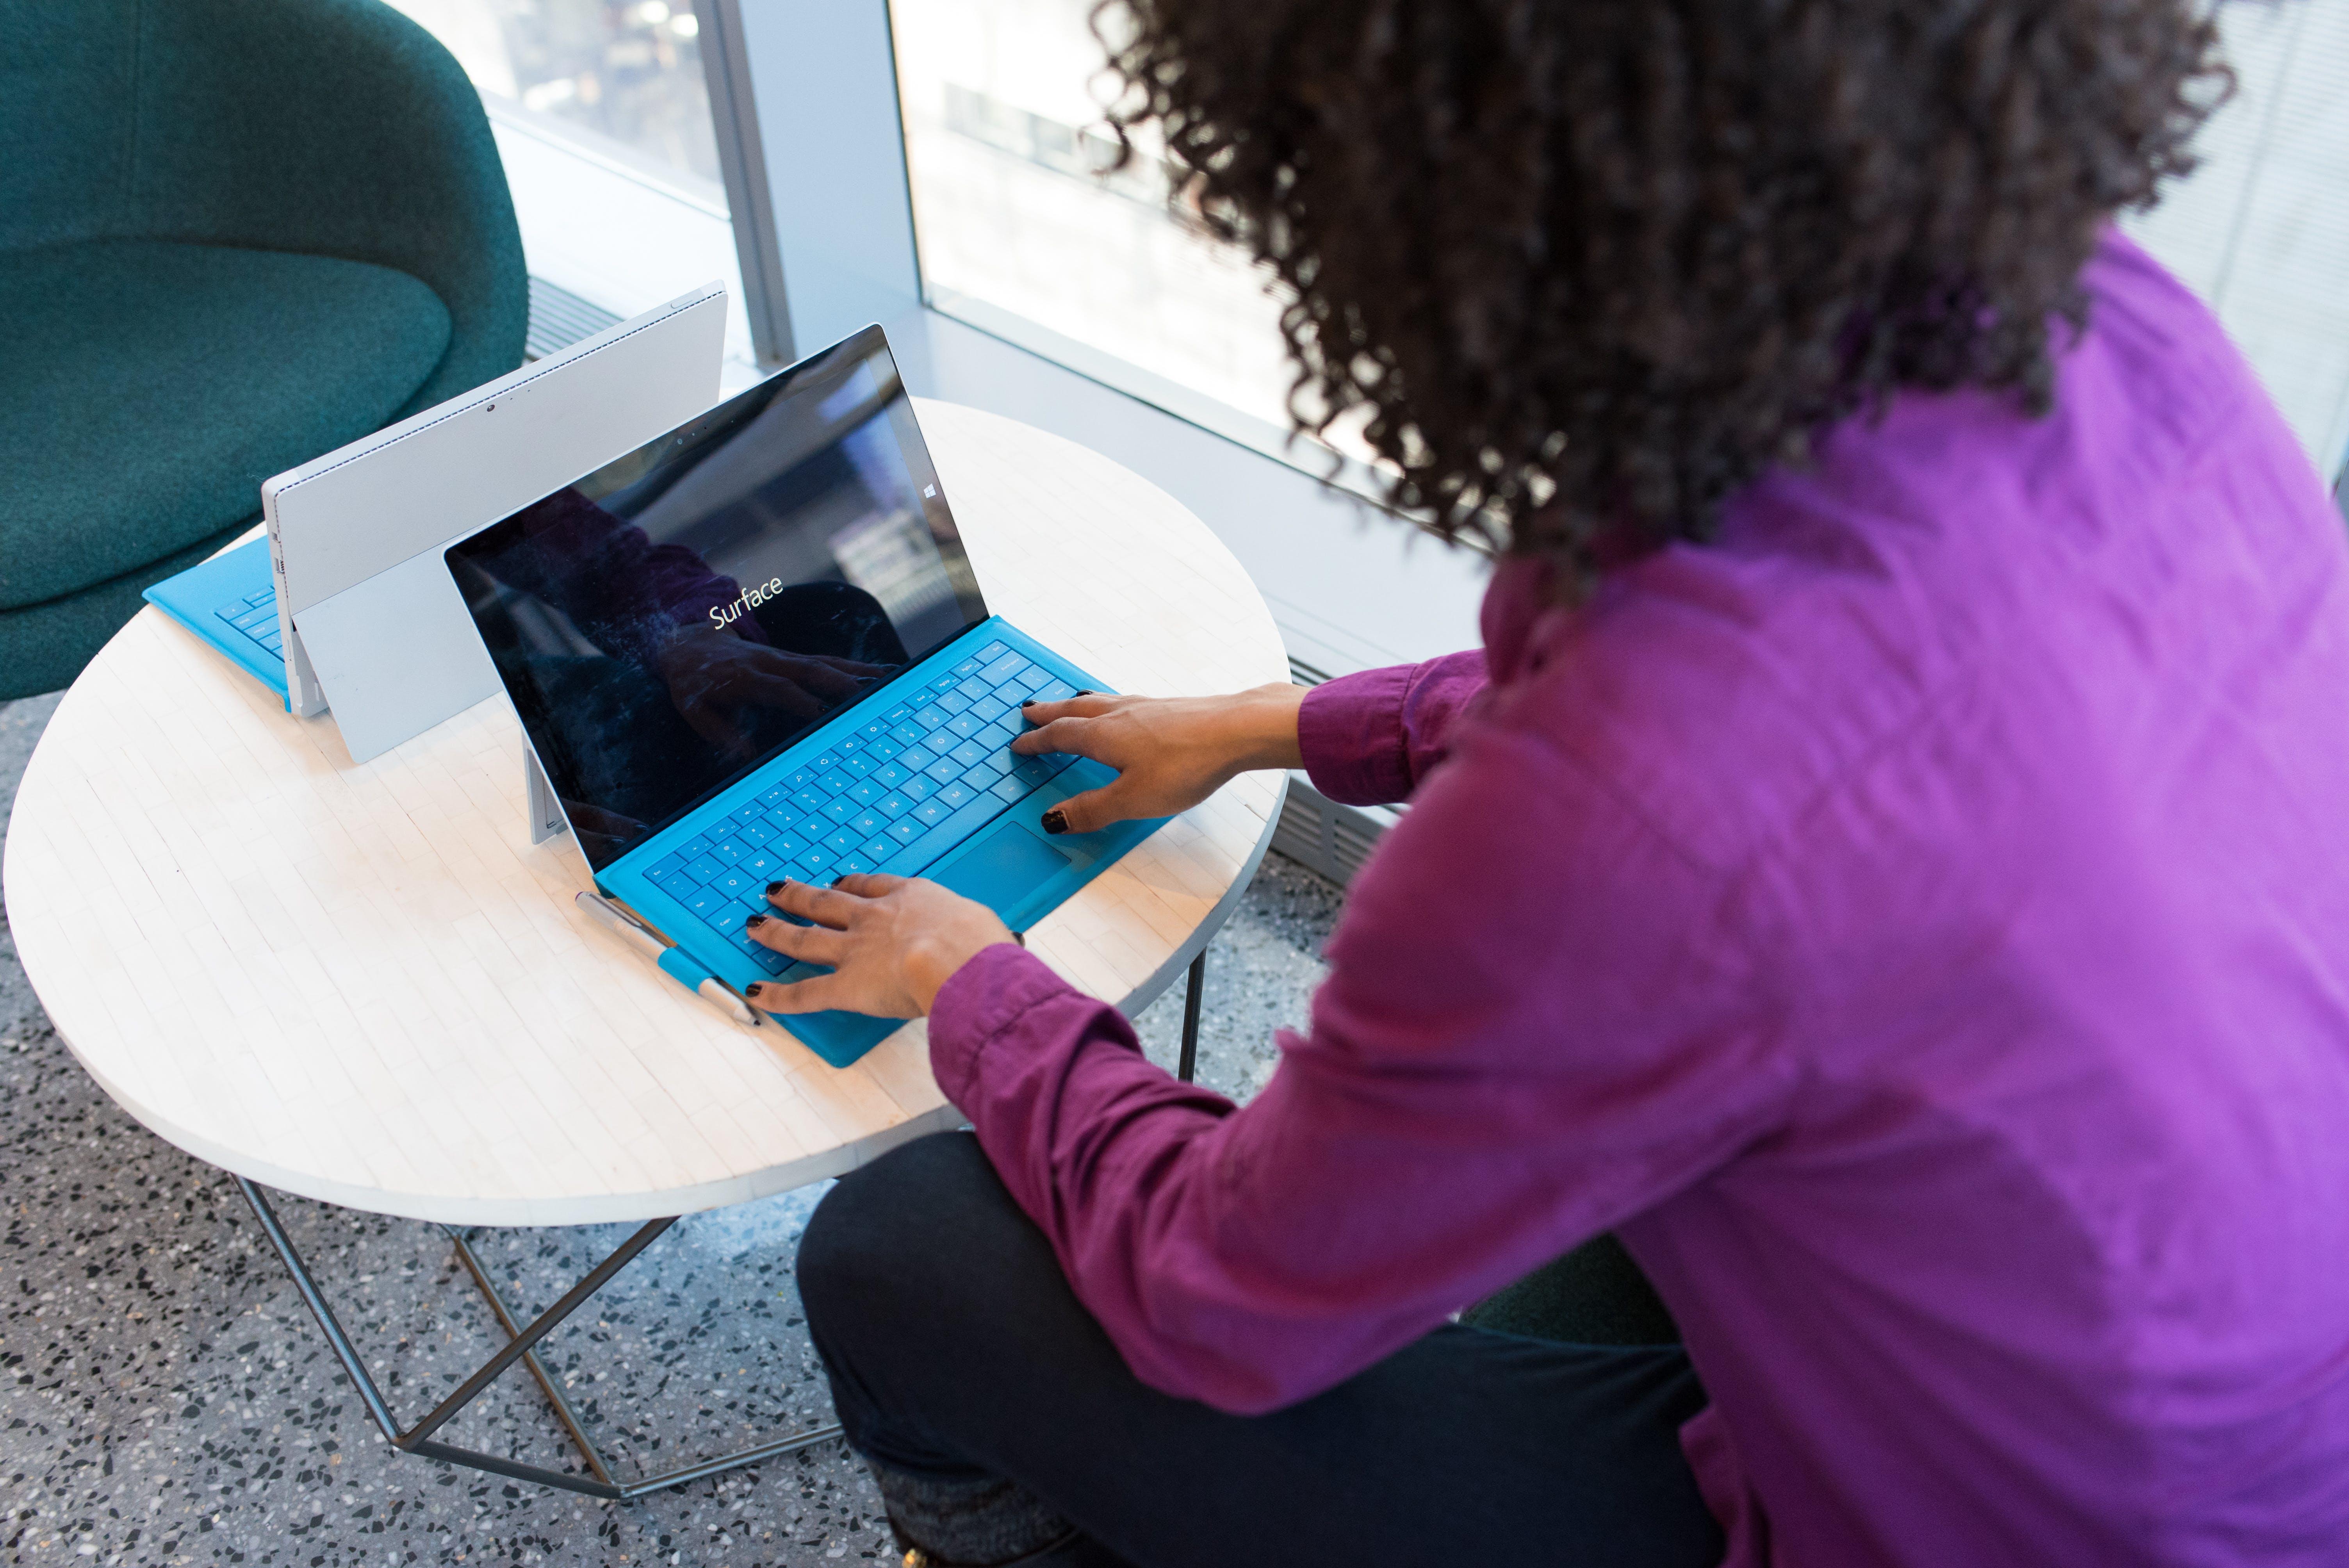 가구, 기술, 노트북, 디지털 유목민의 무료 스톡 사진